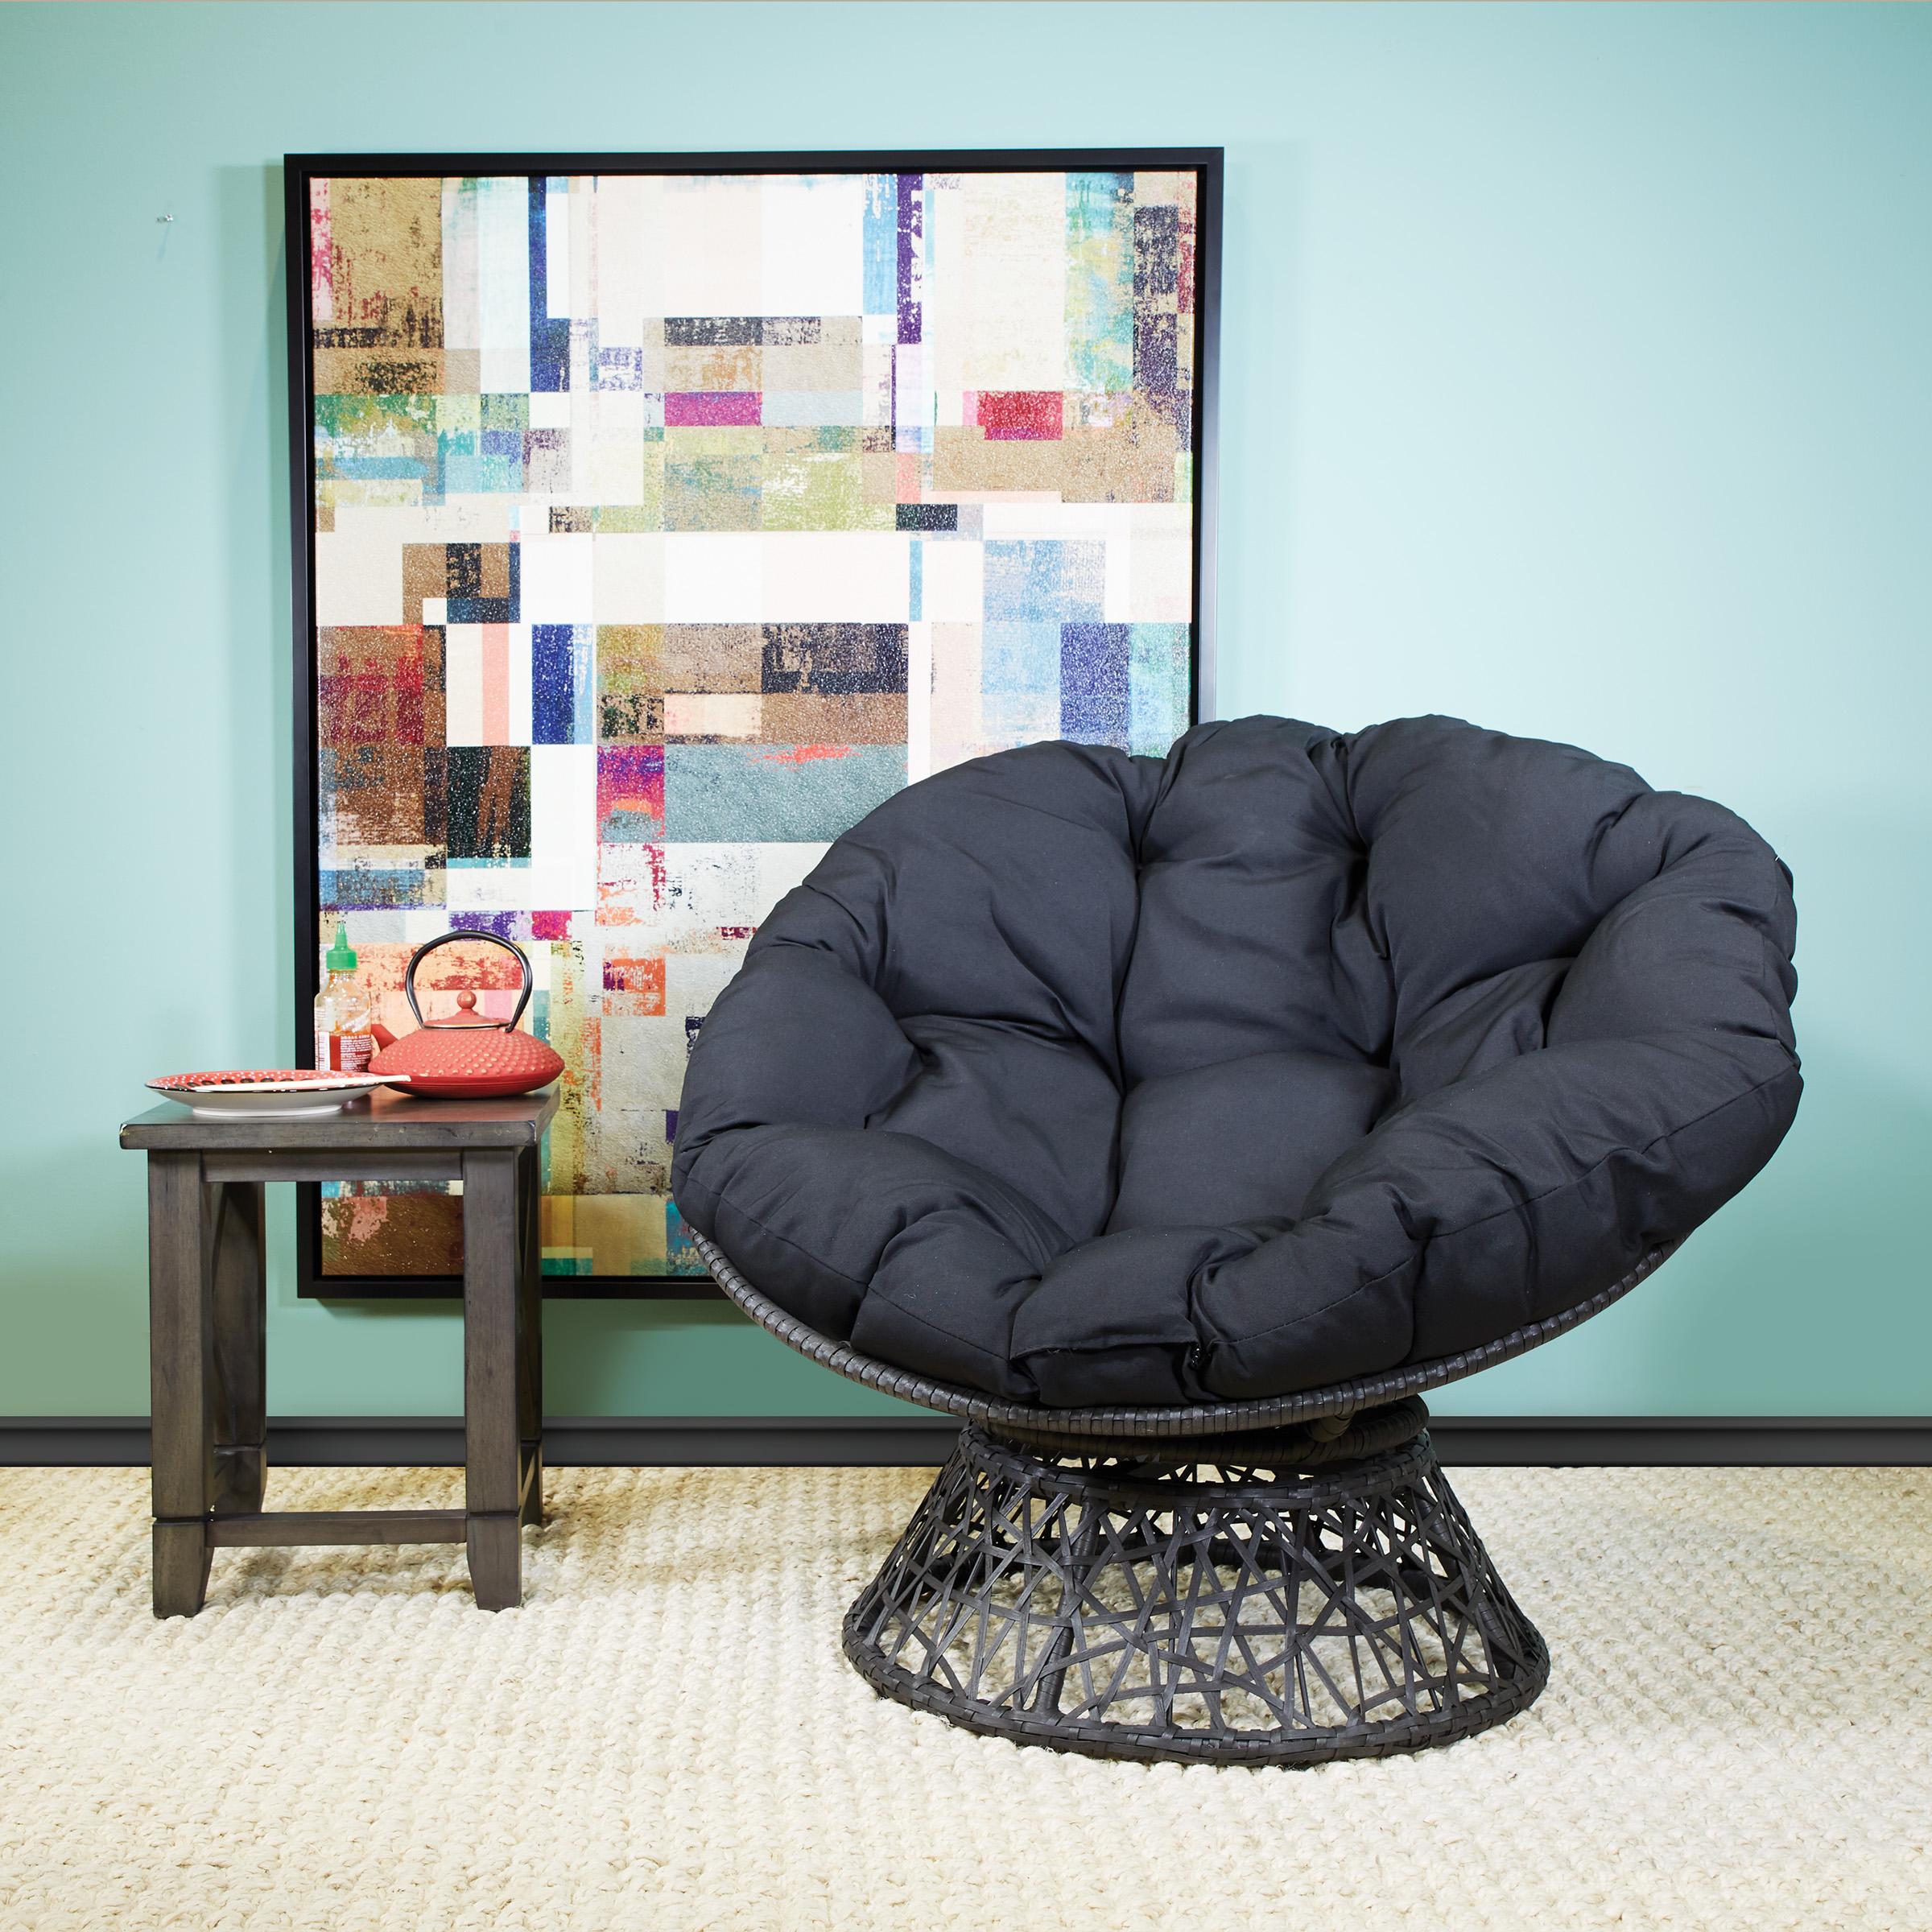 OSP Designs Papasan Chair with Cushion JUST $138.73 (Reg $200)